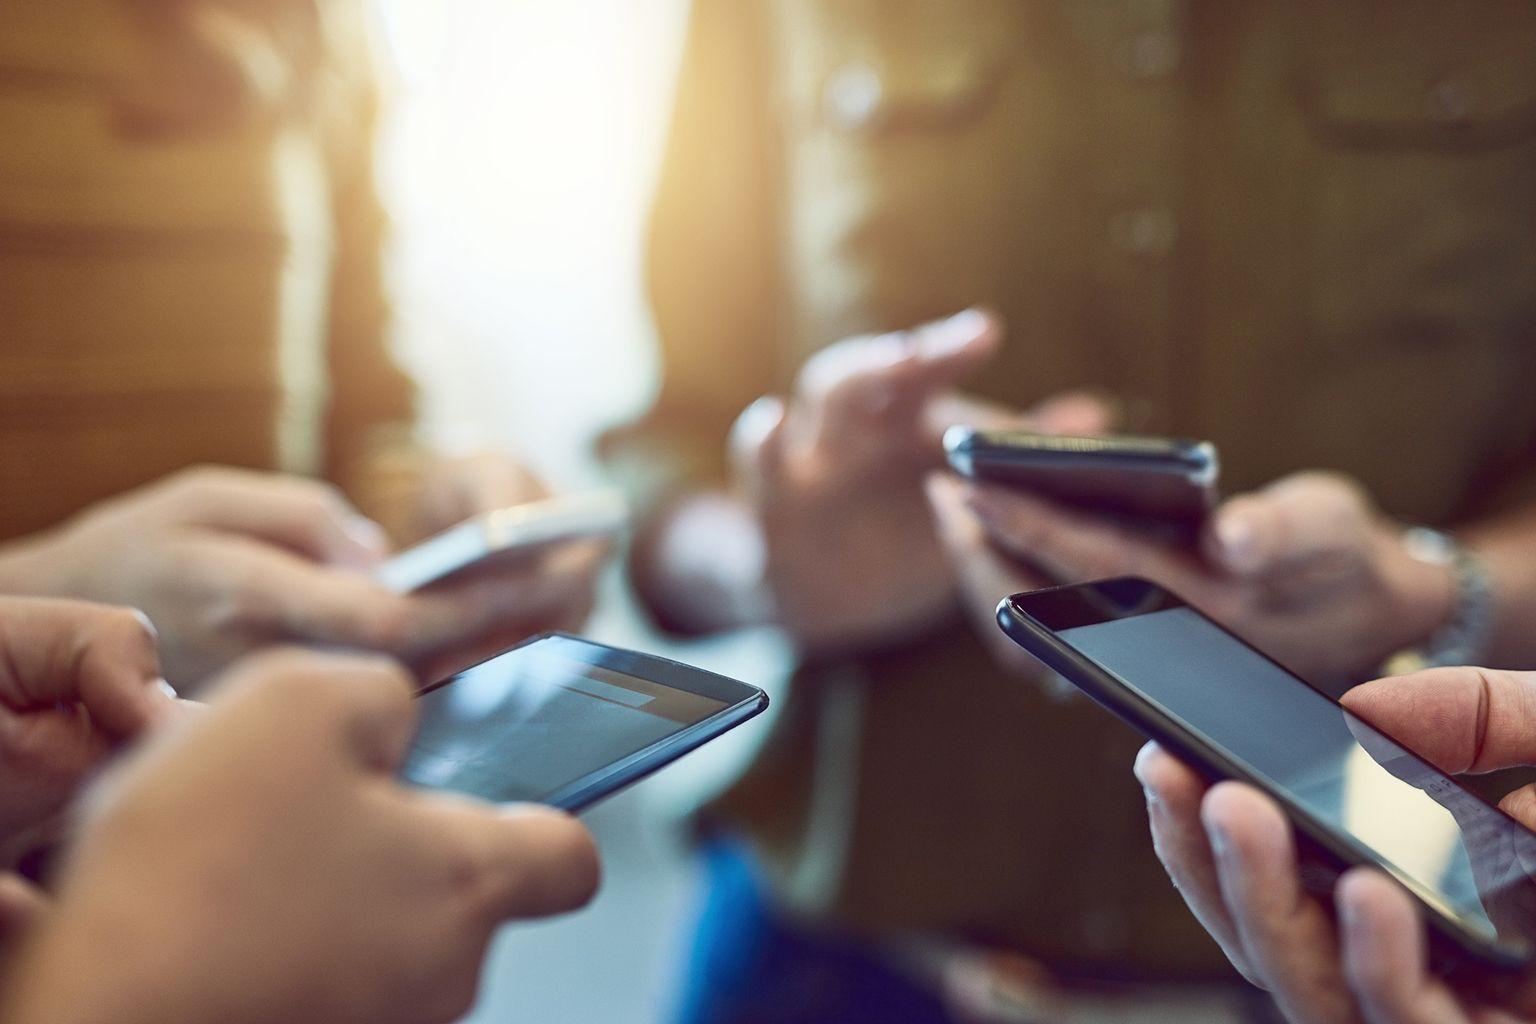 5 chiêu mà các hãng công nghệ ngăn người dùng tự bảo hành thiết bị của mình-2